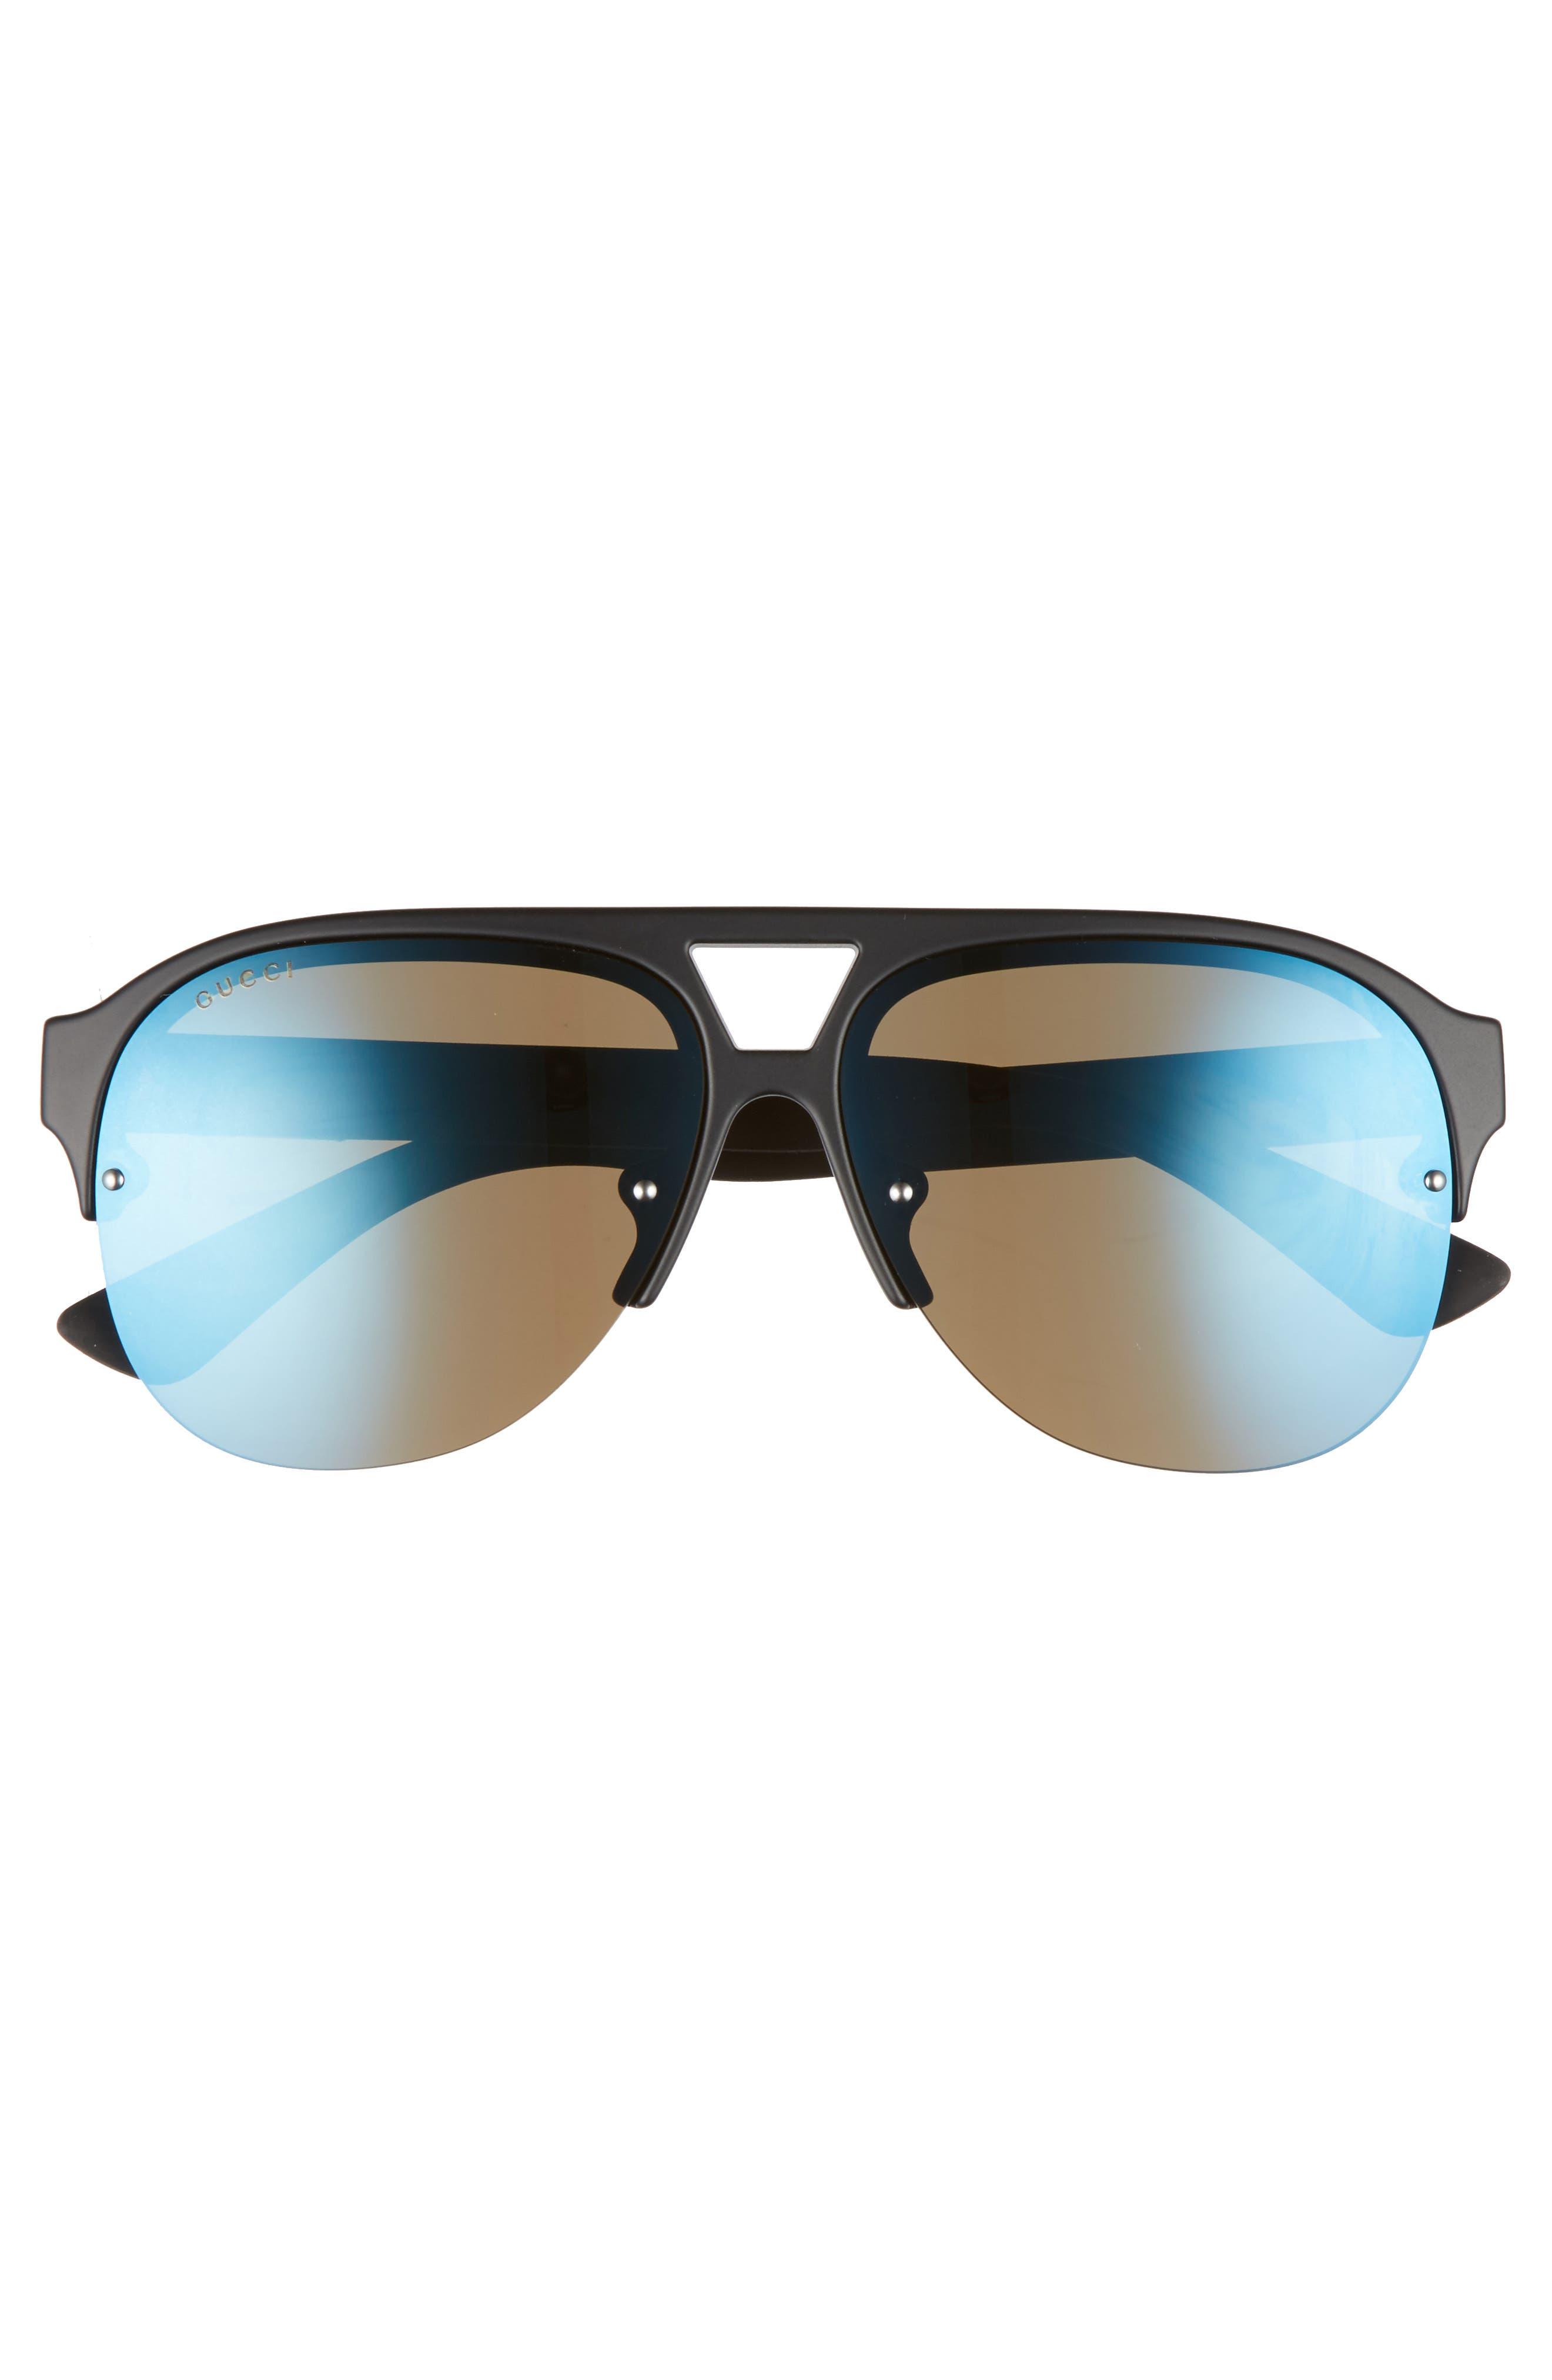 59mm Semi Rimless Sunglasses,                             Alternate thumbnail 2, color,                             MATTE BLACK